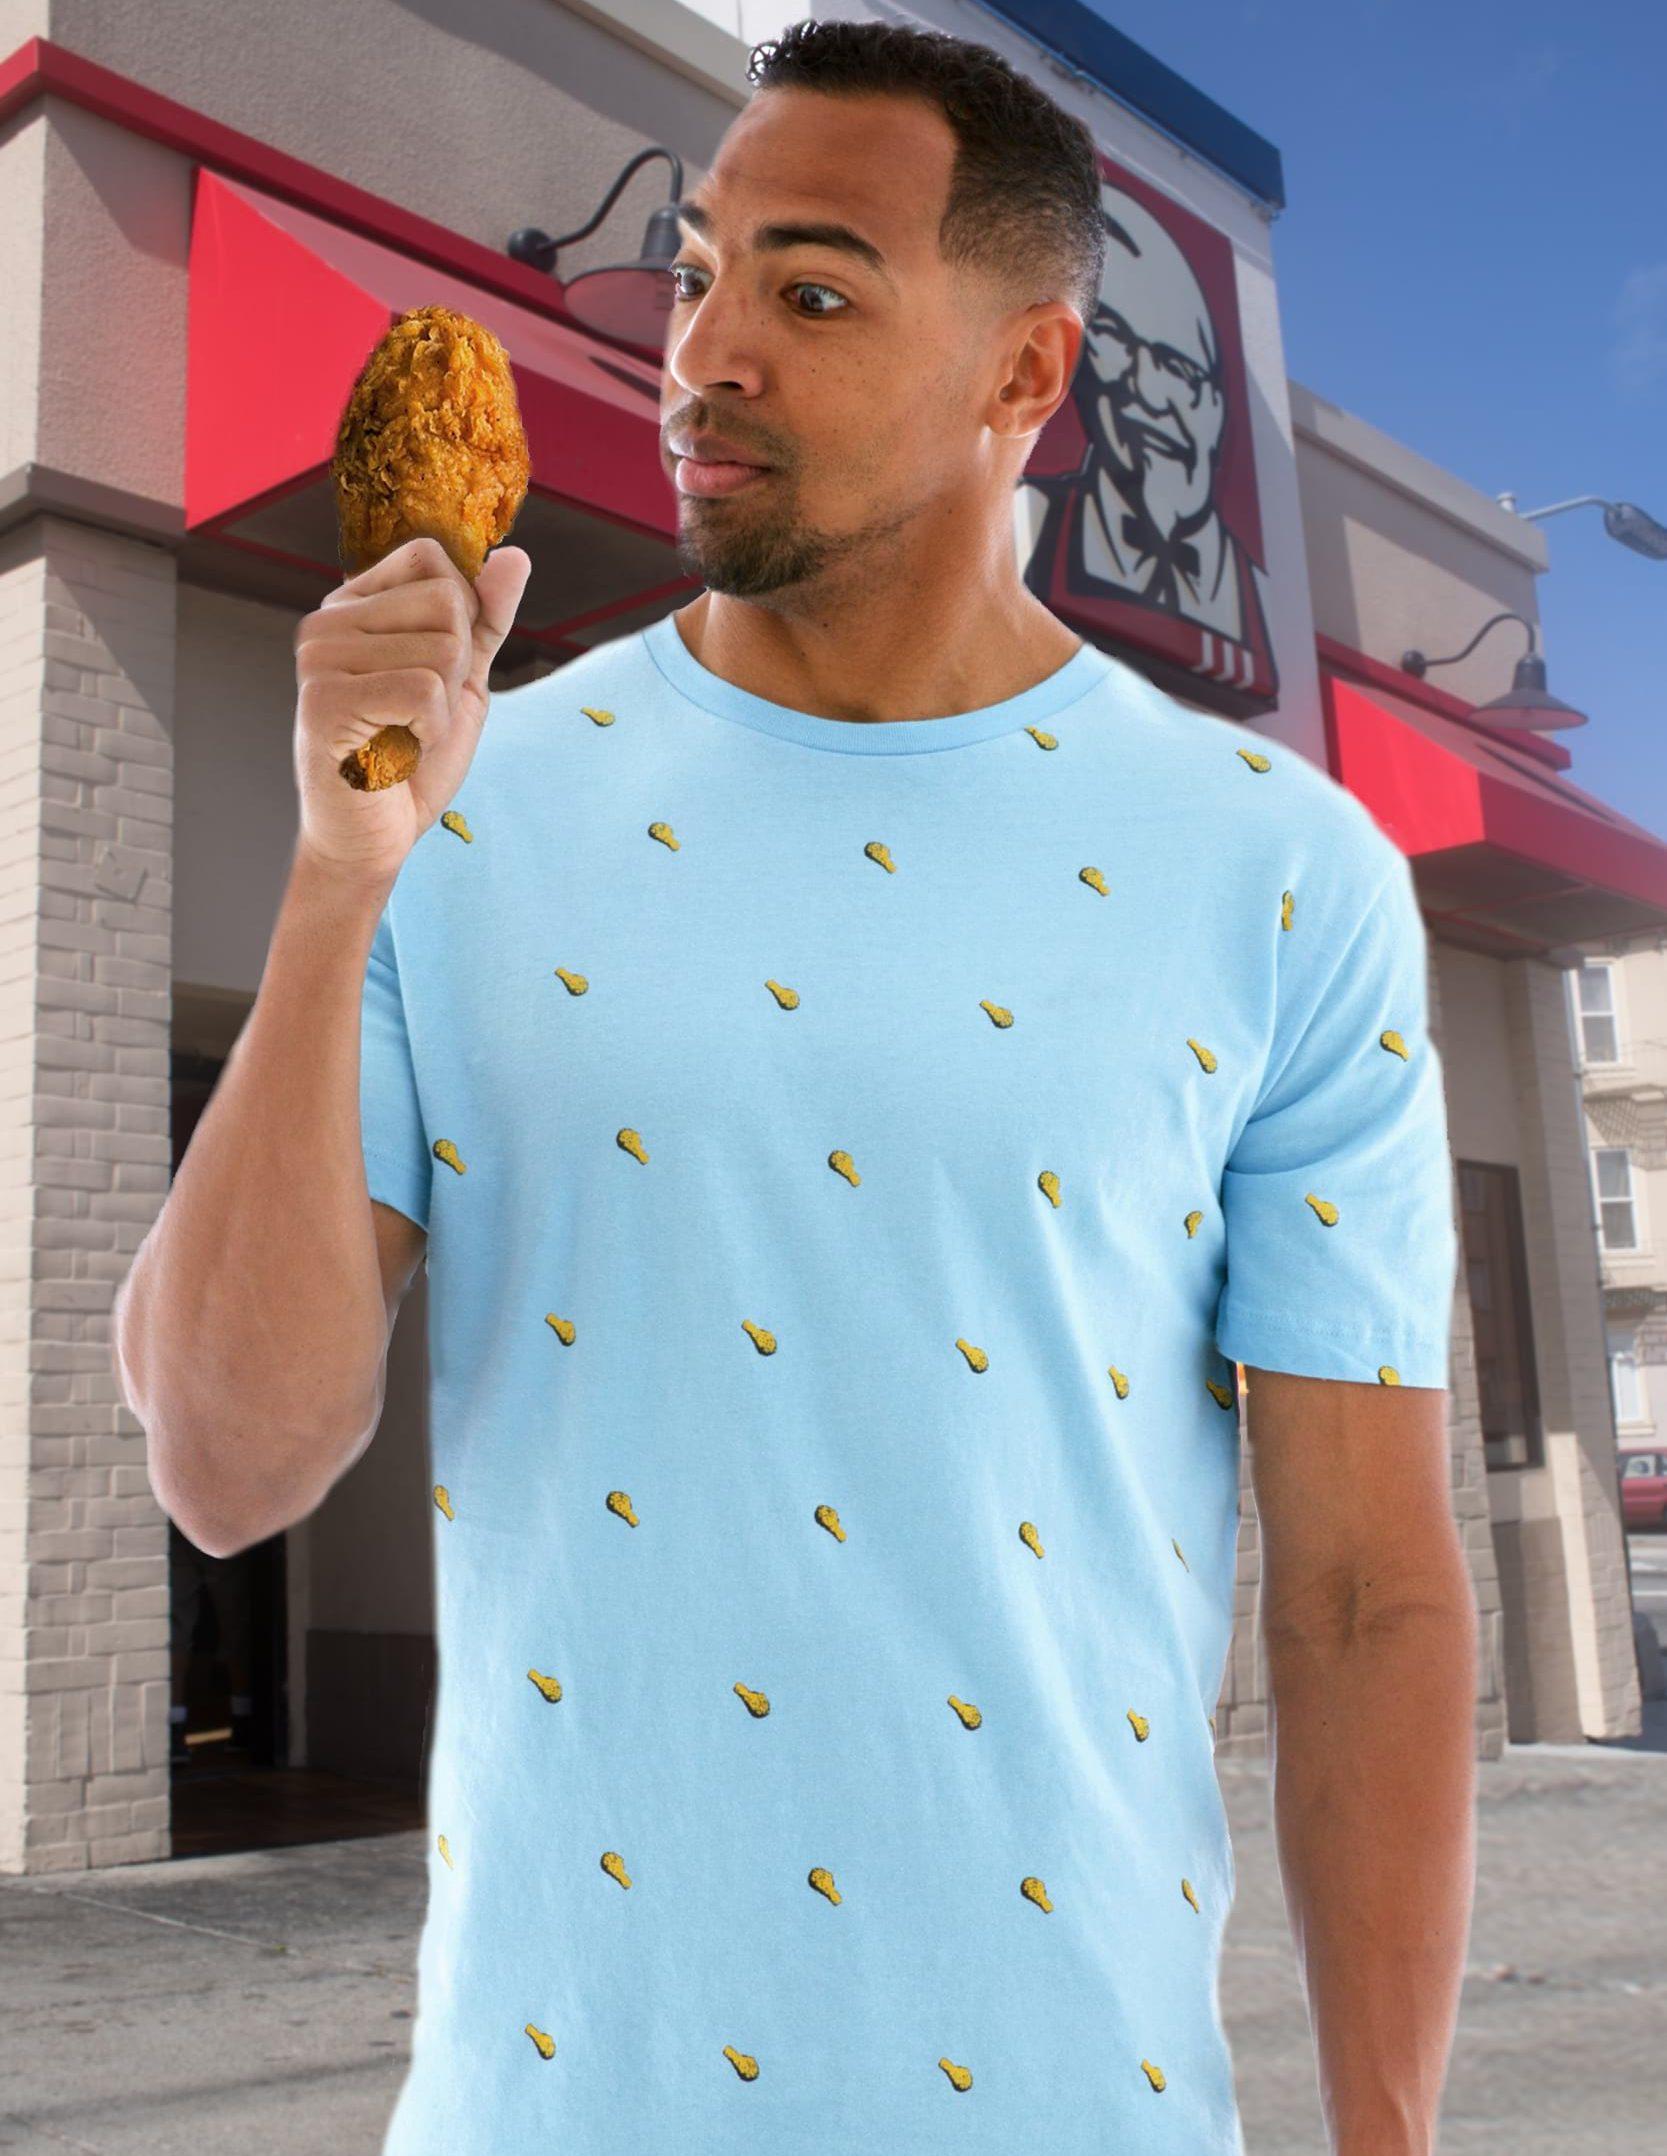 KFC Custom Printed T-Shirt